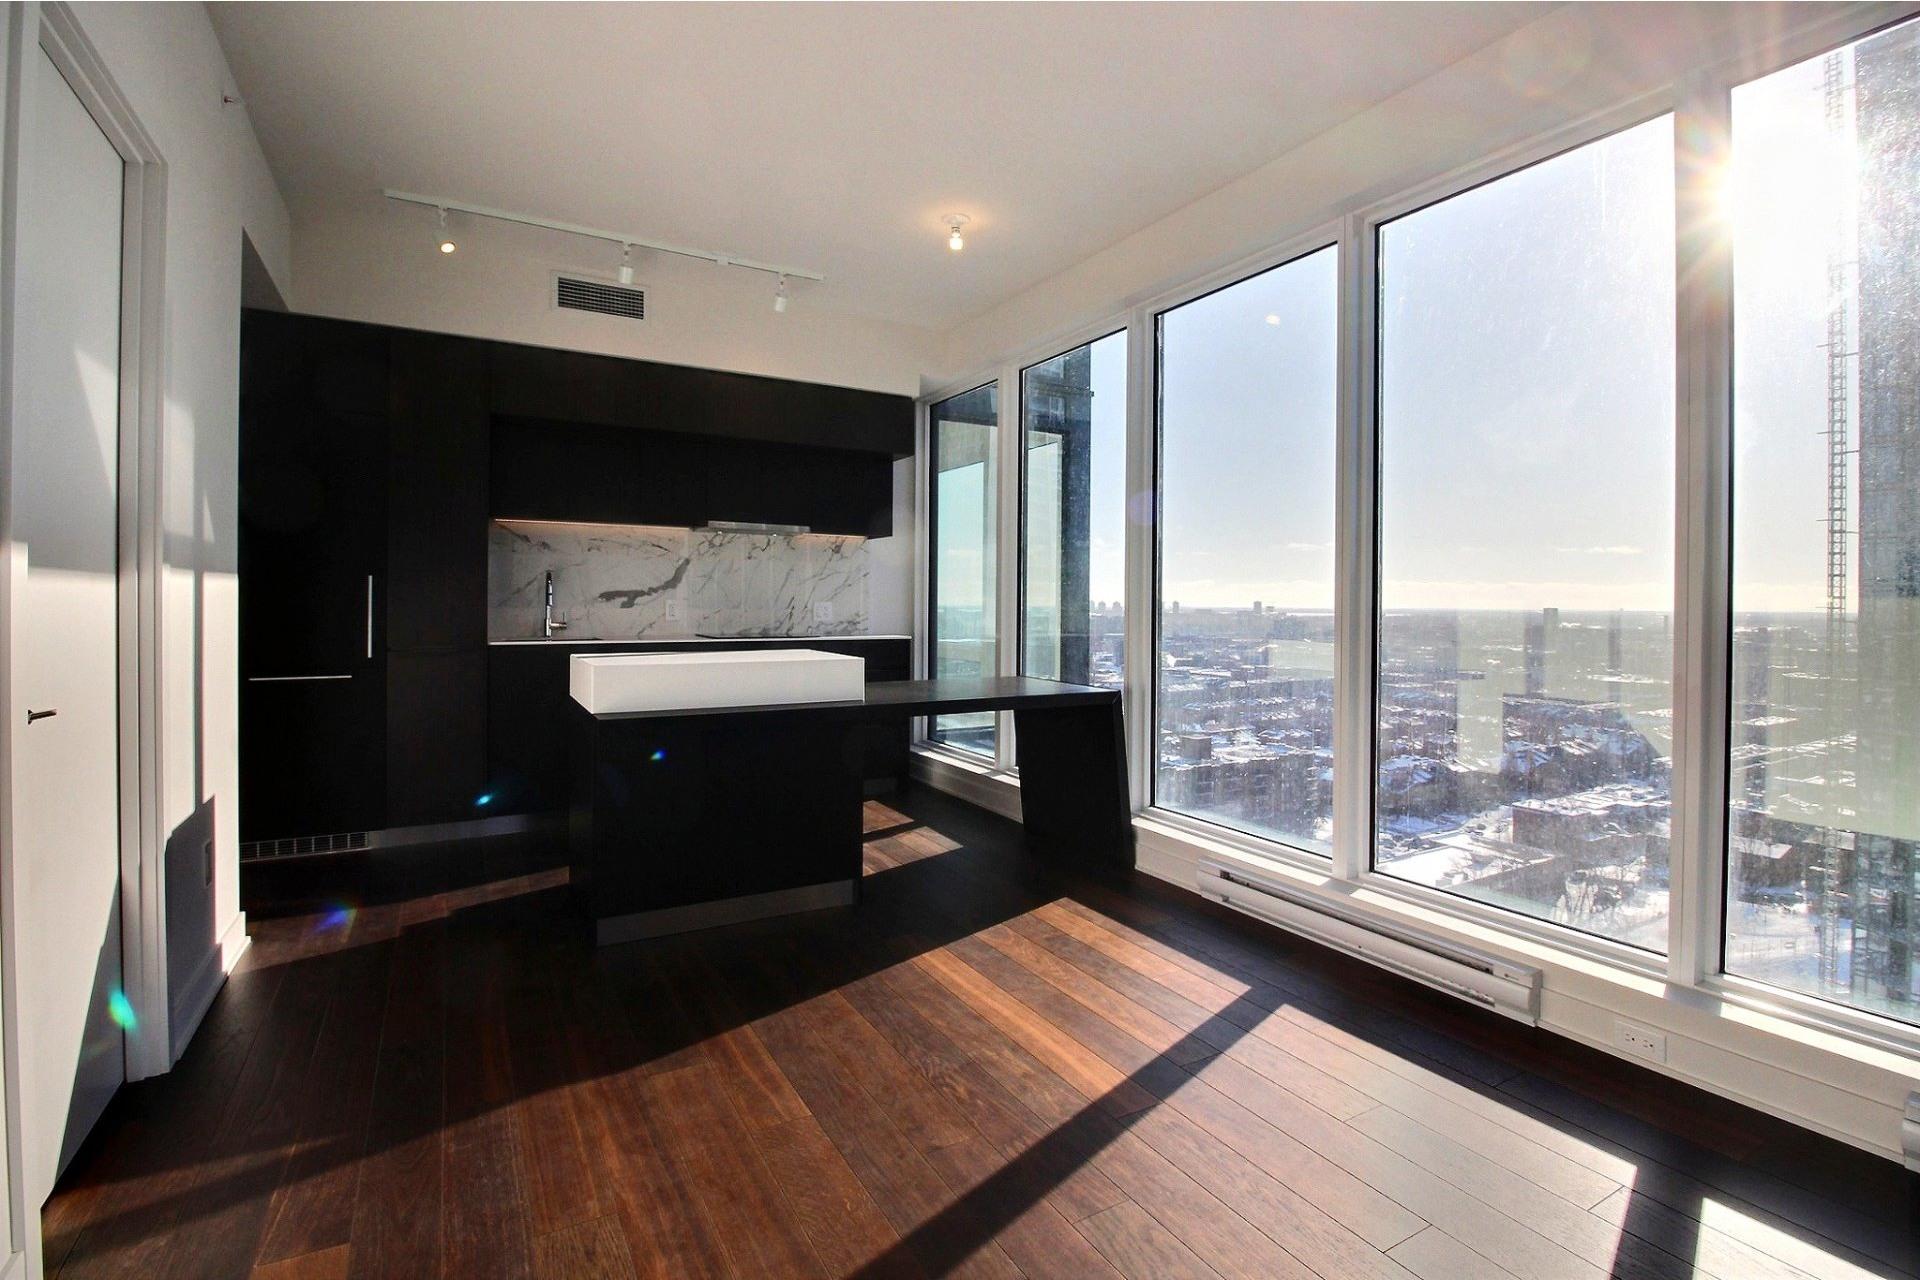 image 6 - Appartement À louer Ville-Marie Montréal  - 7 pièces